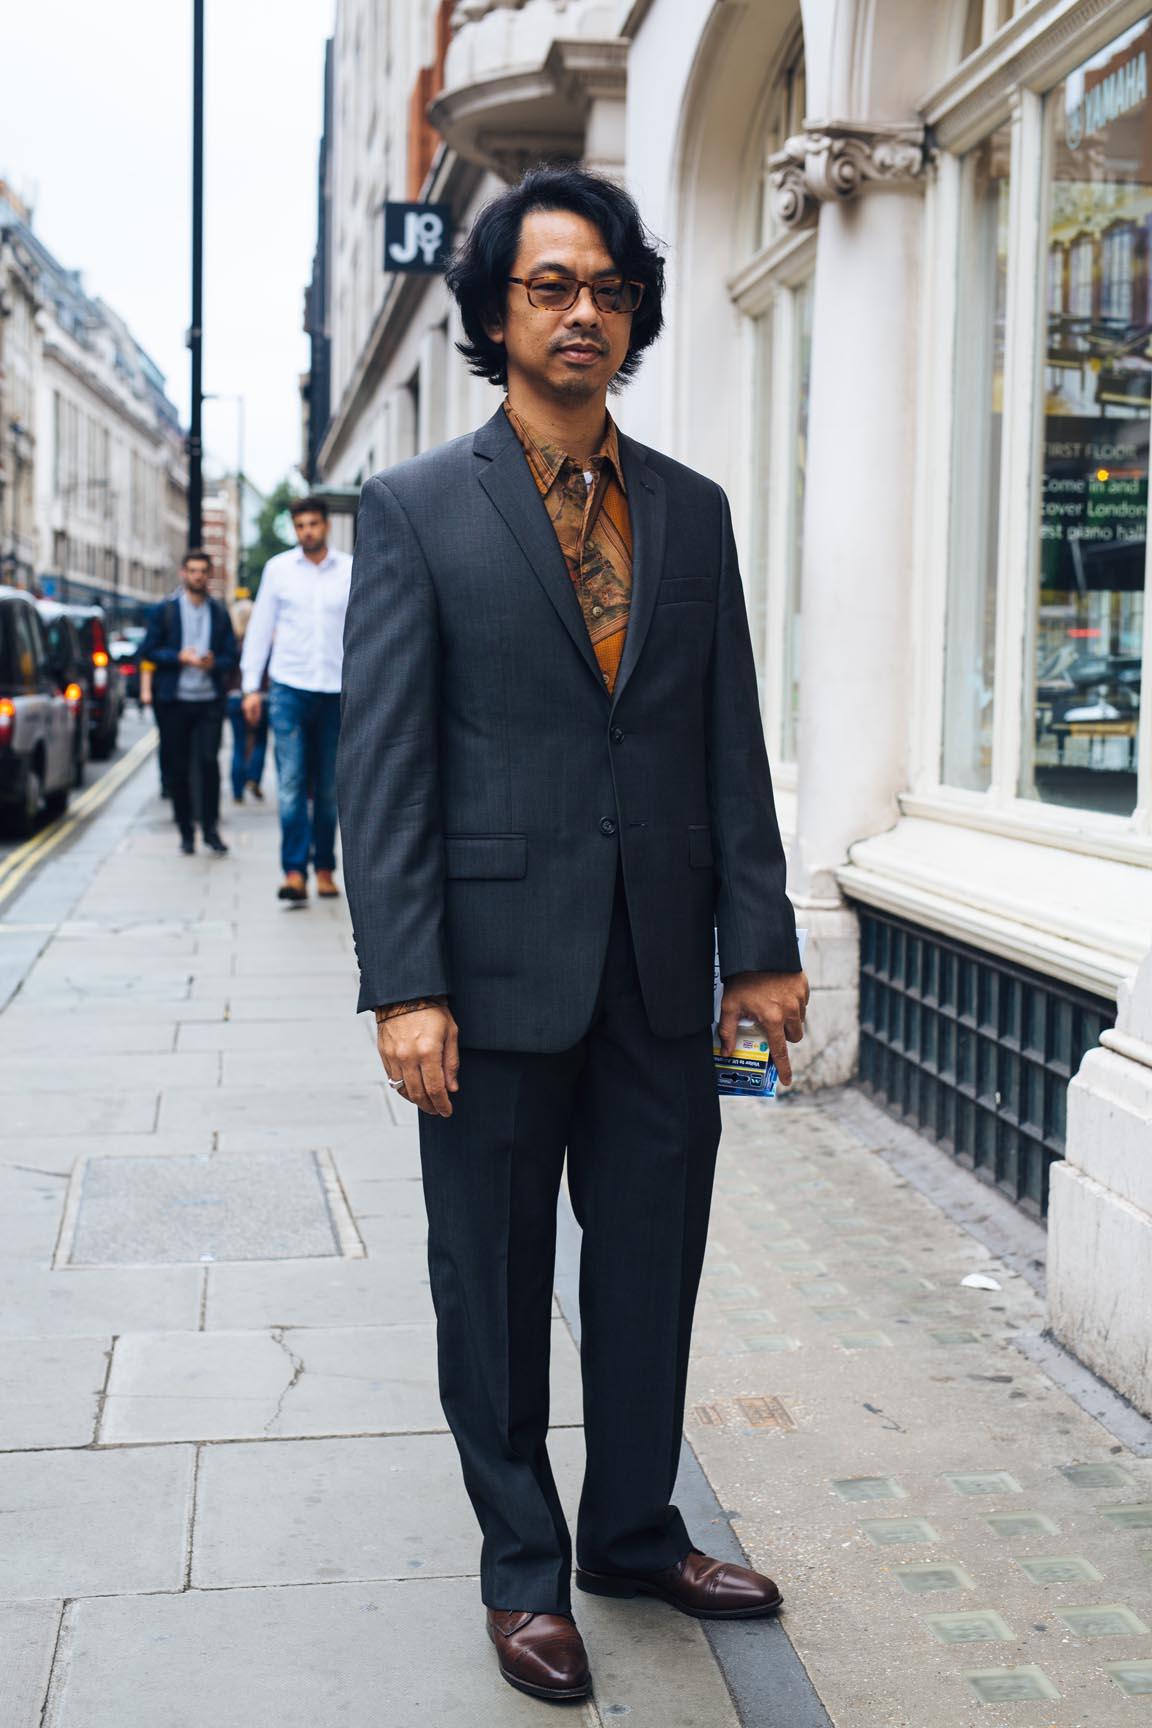 London Street Portrait 4